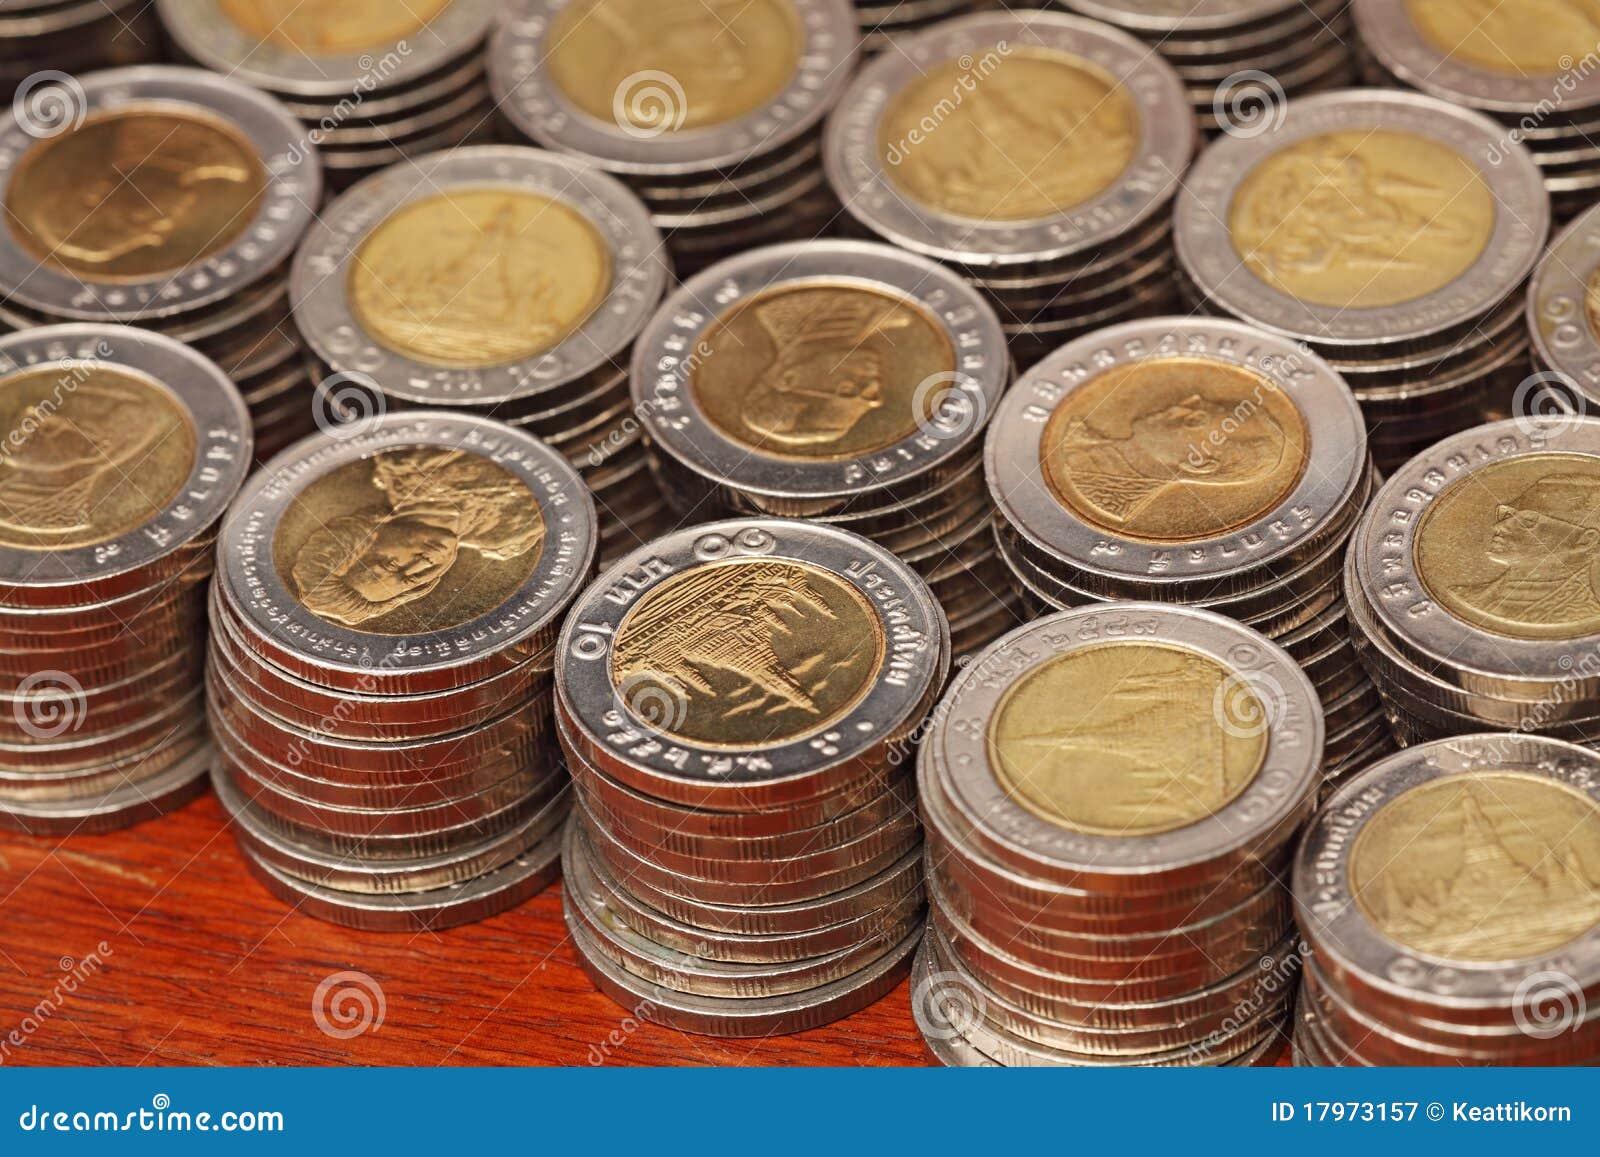 Siamesische 10 Baht Münzen Stockbild Bild Von Bronze 17973157